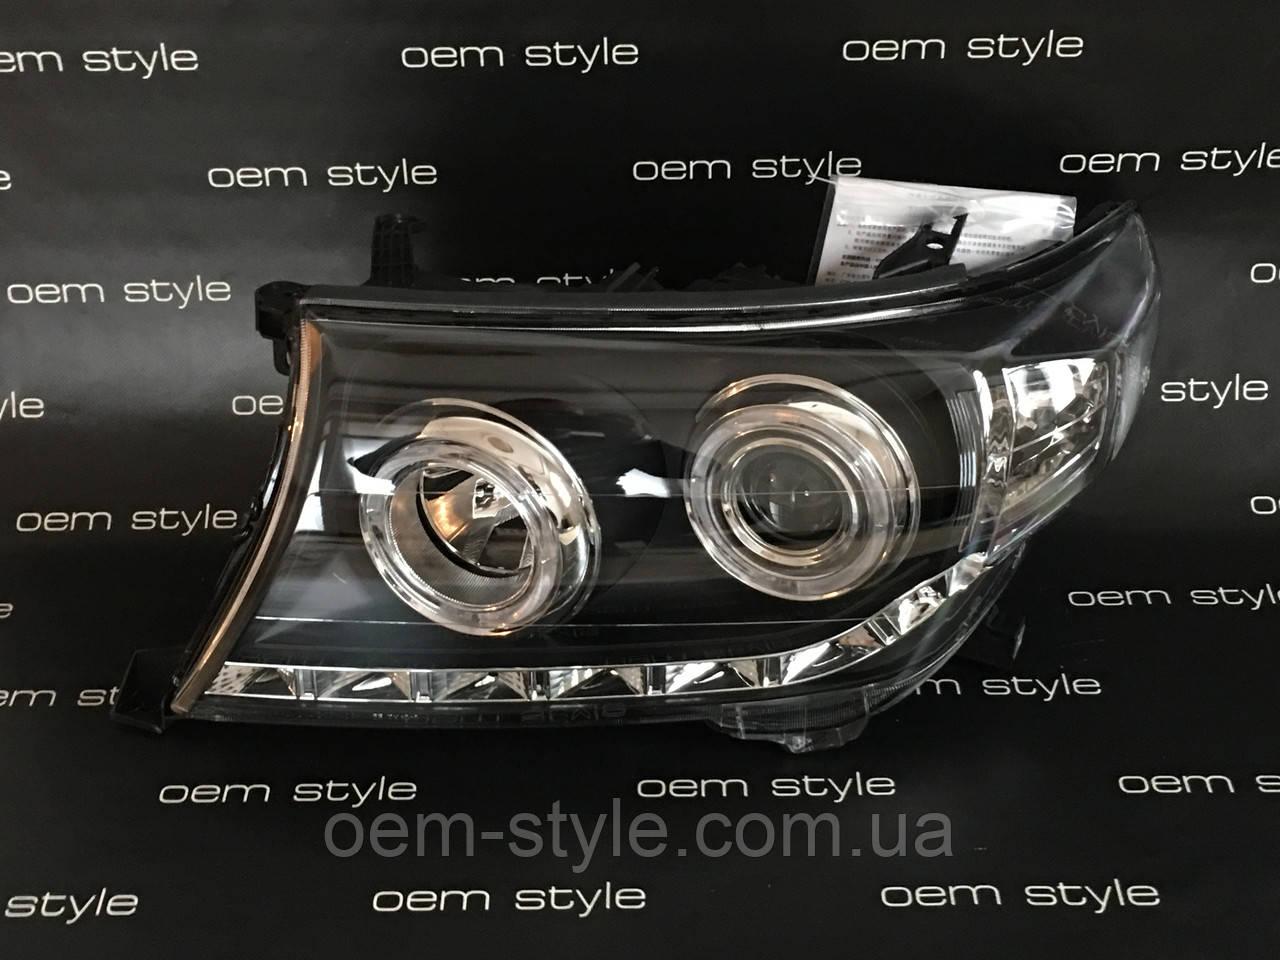 Оптика фары Toyota Land Cruiser 200, 07-15